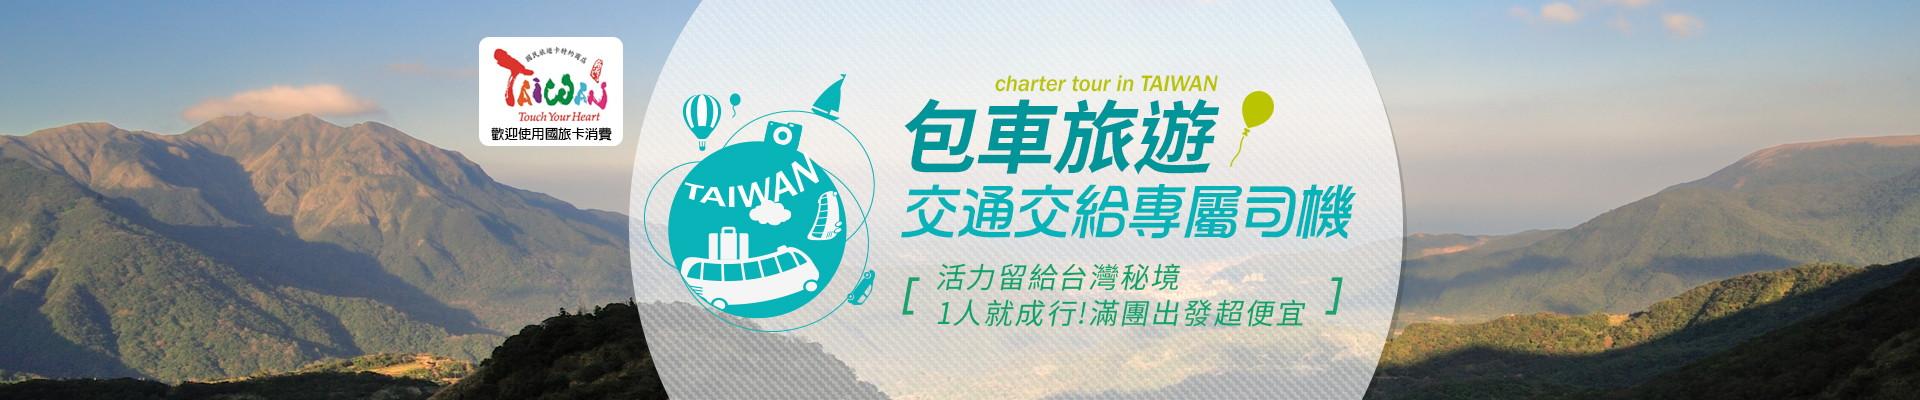 台灣包車形象廣告